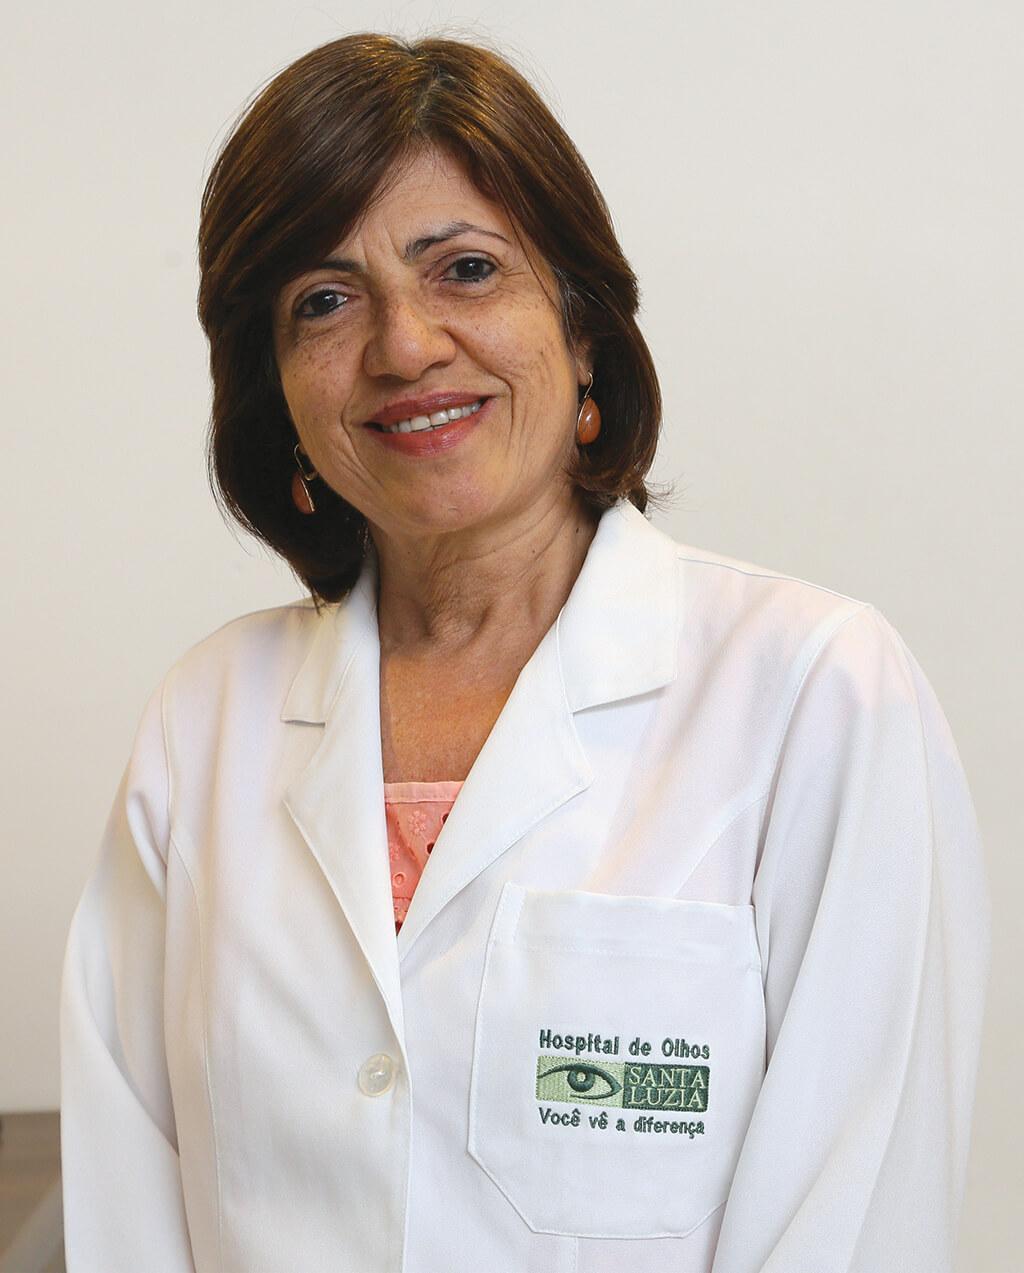 Maria Amélia Ribeiro